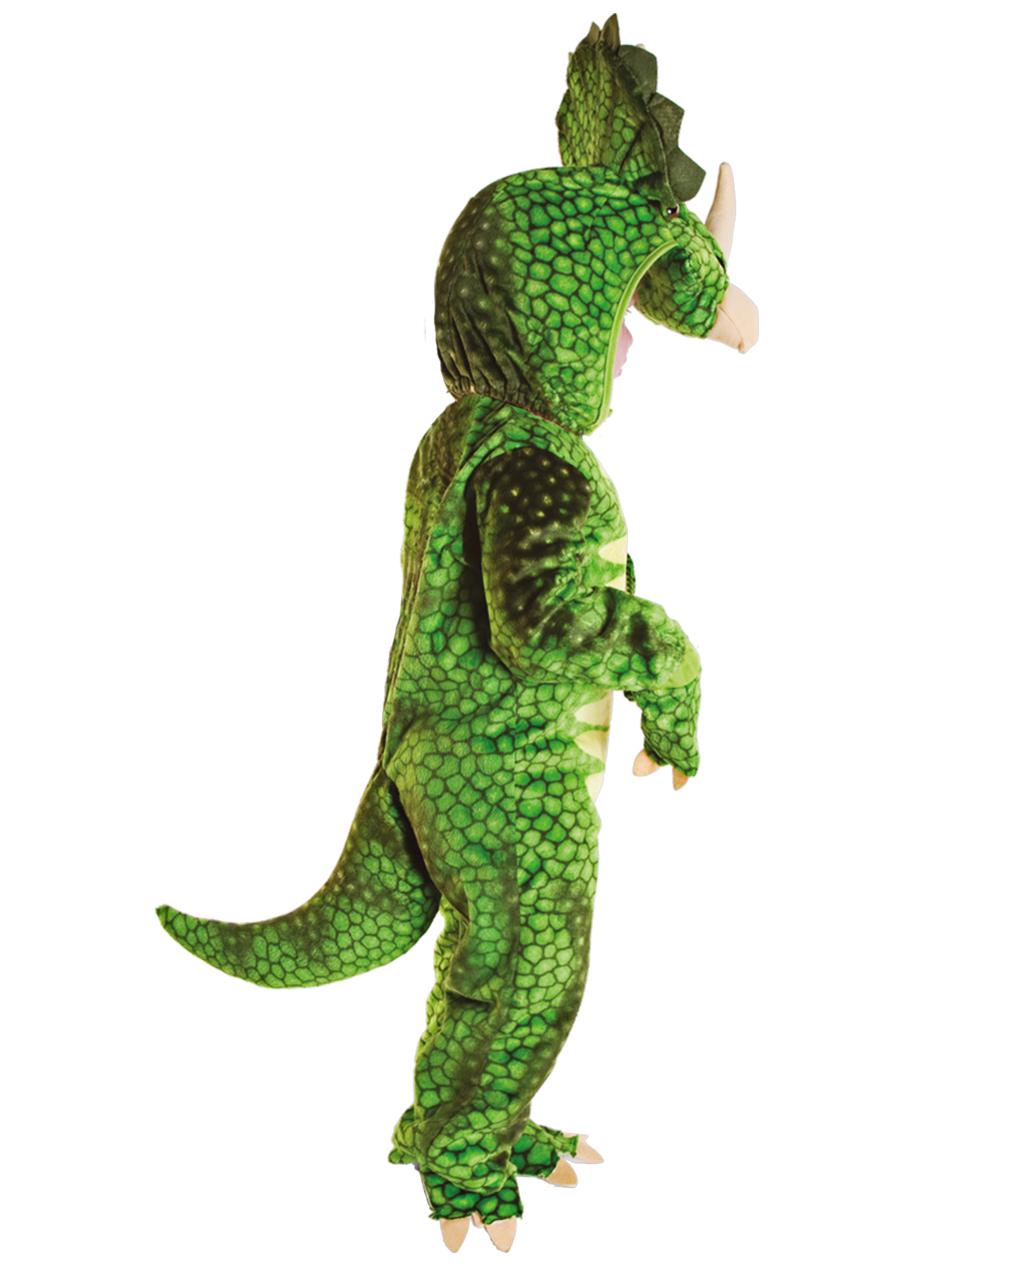 Dreihorn Dino Kleinkinderkostüm Grün über Dreihorn Dinosaurier